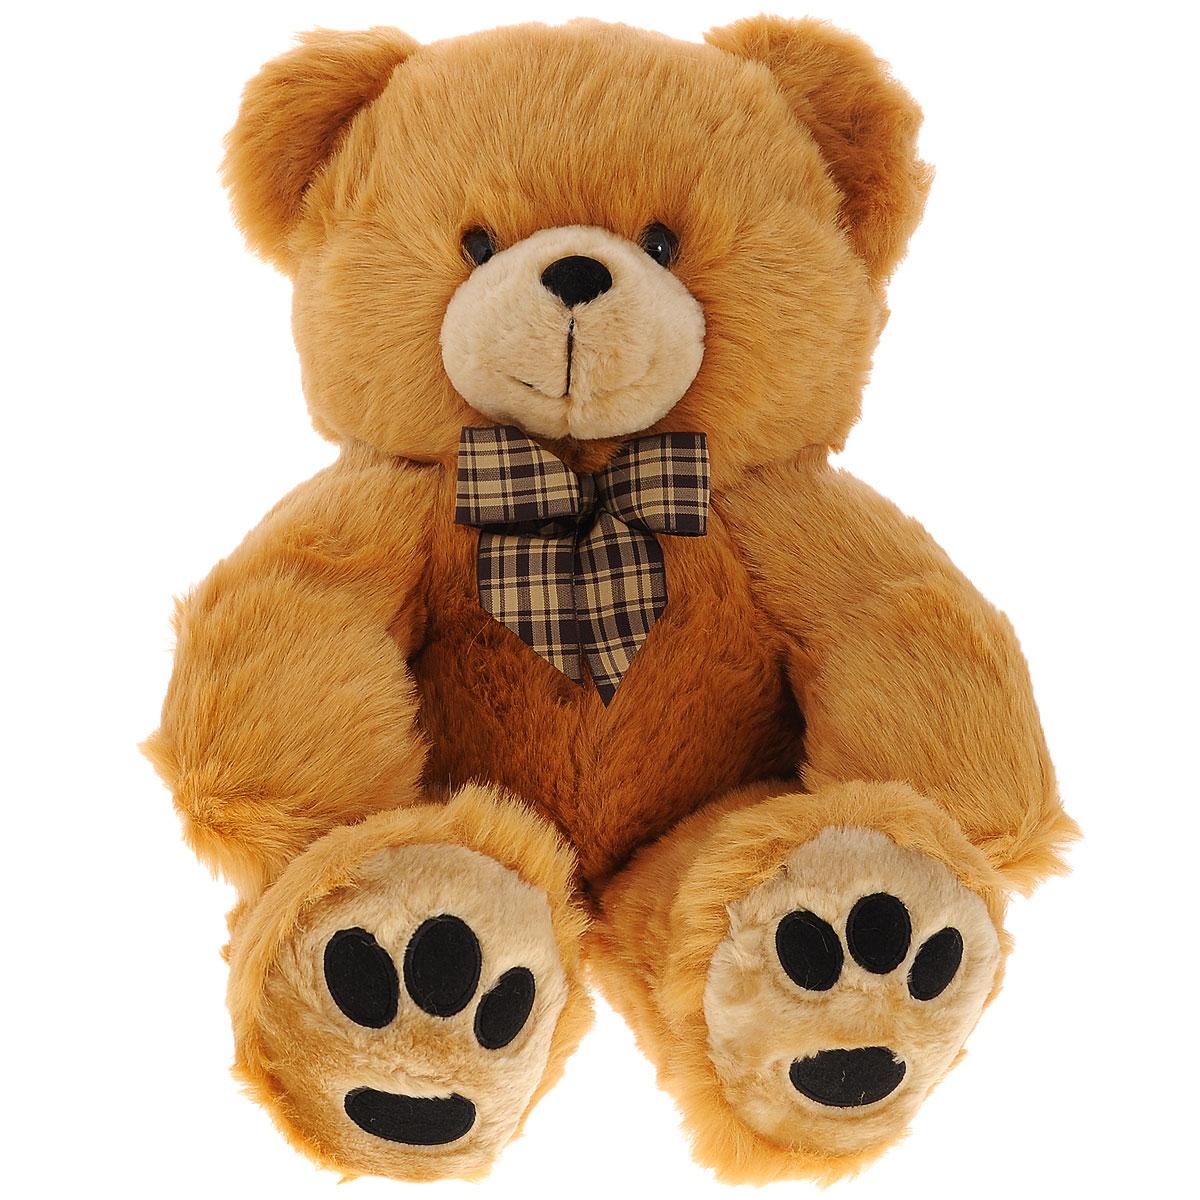 Мягкая игрушка Plush Apple Медведь с бантом, 44 смK11392BМягкая игрушка Plush Apple Медведь с бантом привлечет внимание любого ребенка. Игрушка изготовлена из высококачественных текстильных материалов в виде милого медвежонка с бантиком на шее. Игрушка вызывает приятные тактильные ощущения. С такой забавной игрушкой можно смело засыпать в кроватке или отправляться на прогулку. Порадуйте своего ребенка такой игрушкой.